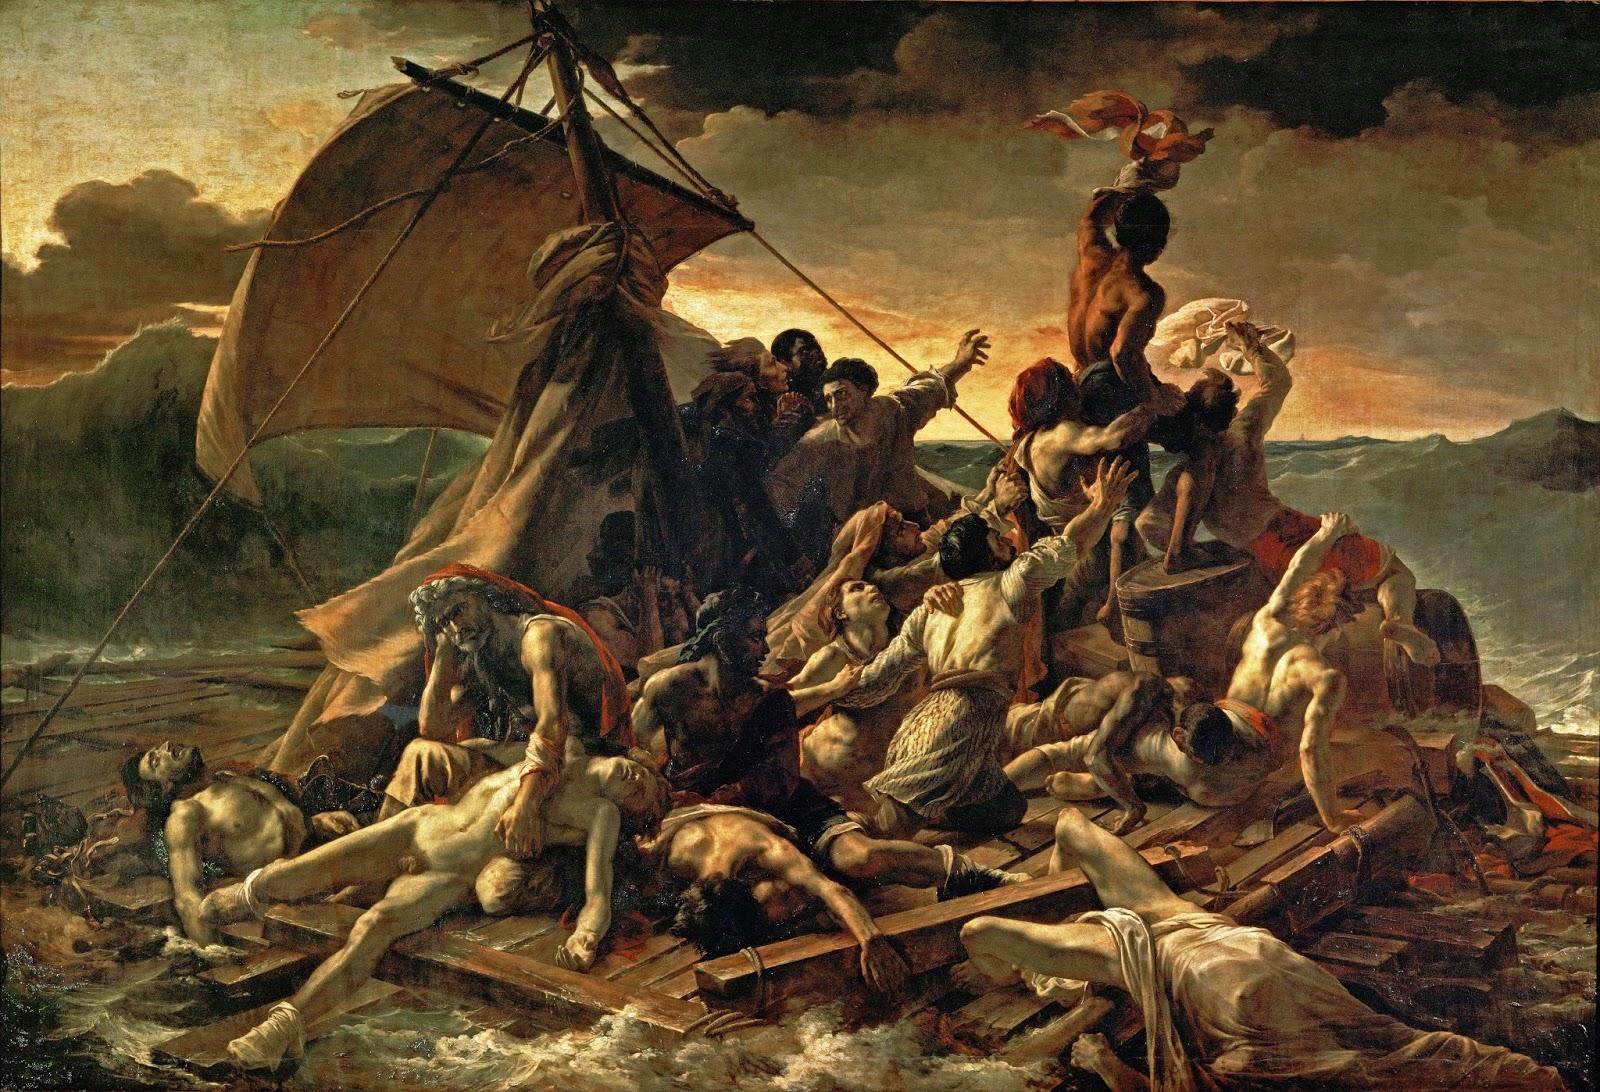 Peinture Française du 19ème Siècle: The Raft of the Medusa ...